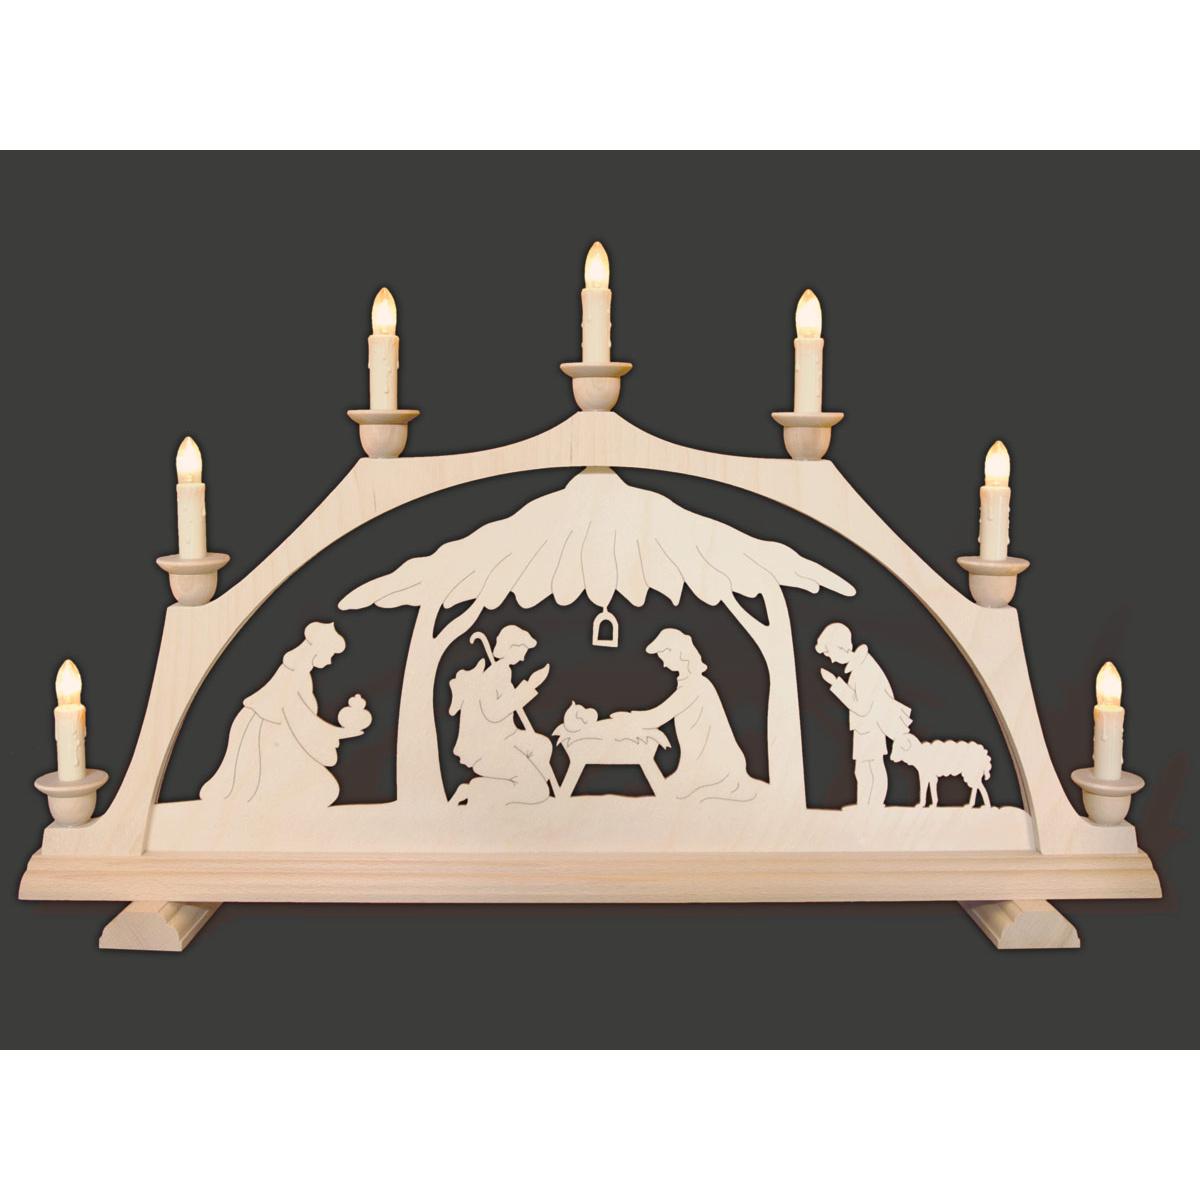 schwibbogen christgeburt im haus von rauta f r 79 8 kaufen. Black Bedroom Furniture Sets. Home Design Ideas